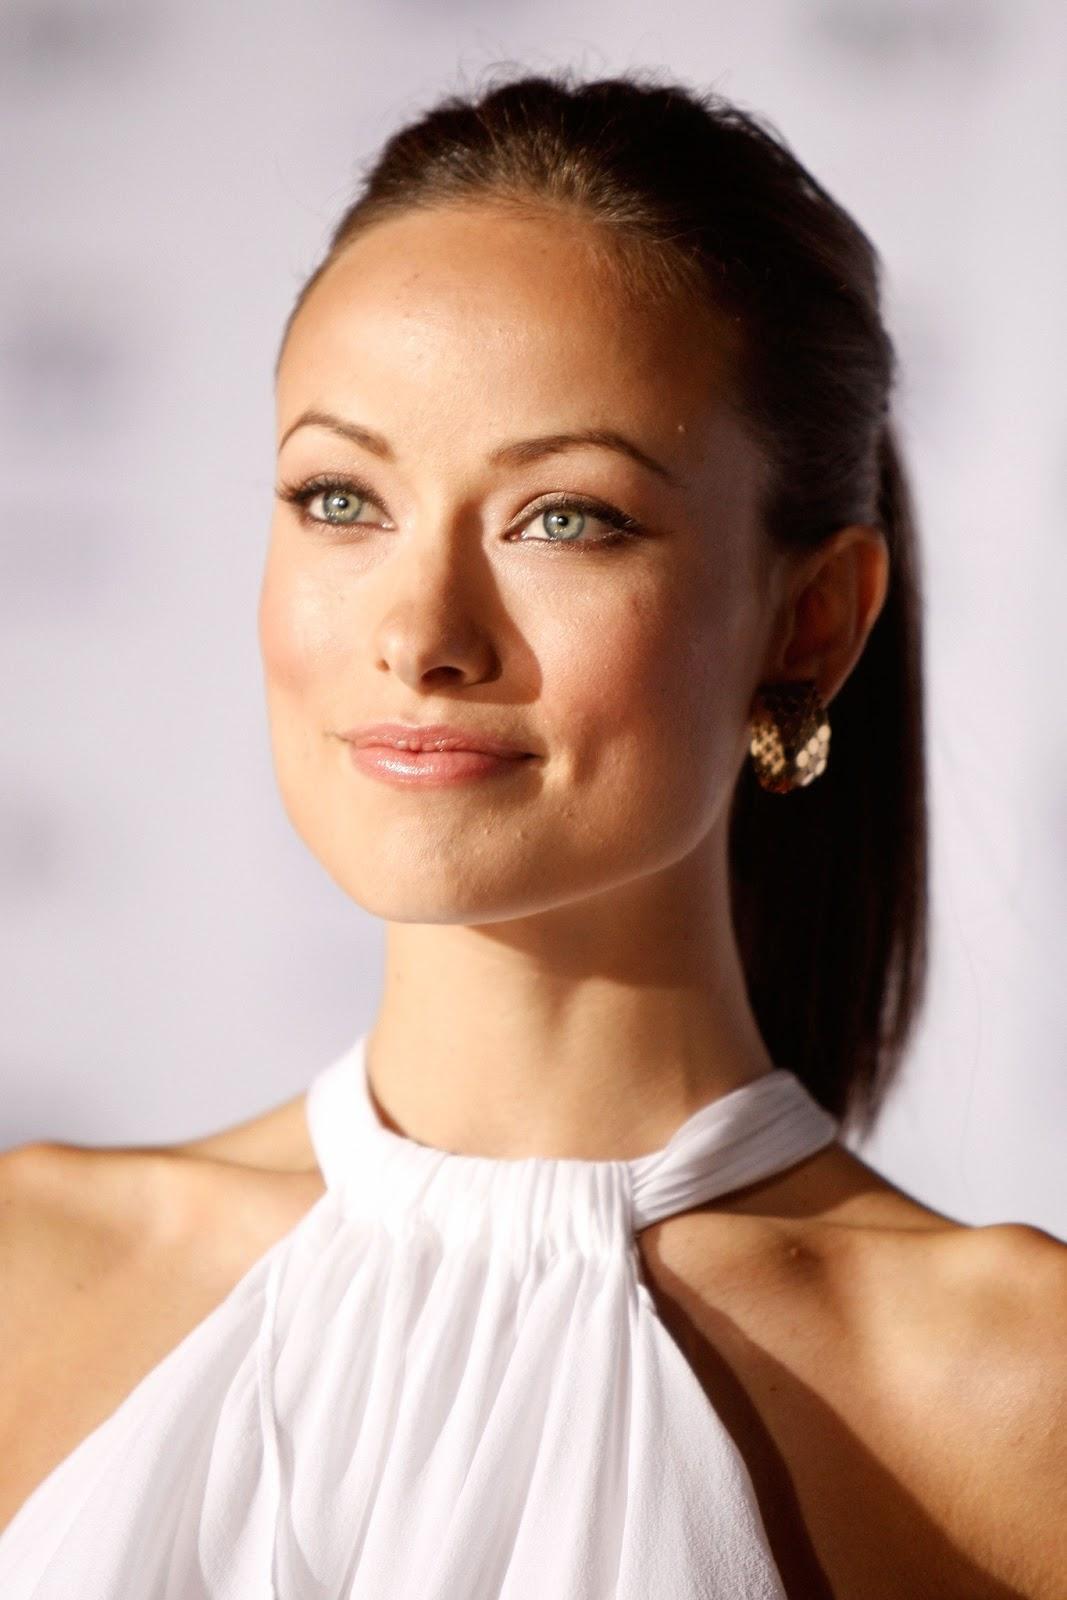 http://4.bp.blogspot.com/-93lSJNBagY0/UT5lc6l3vcI/AAAAAAAAIJA/JhHd-Avnwg0/s1600/Olivia+Wilde+hottest+woman+alive.jpg